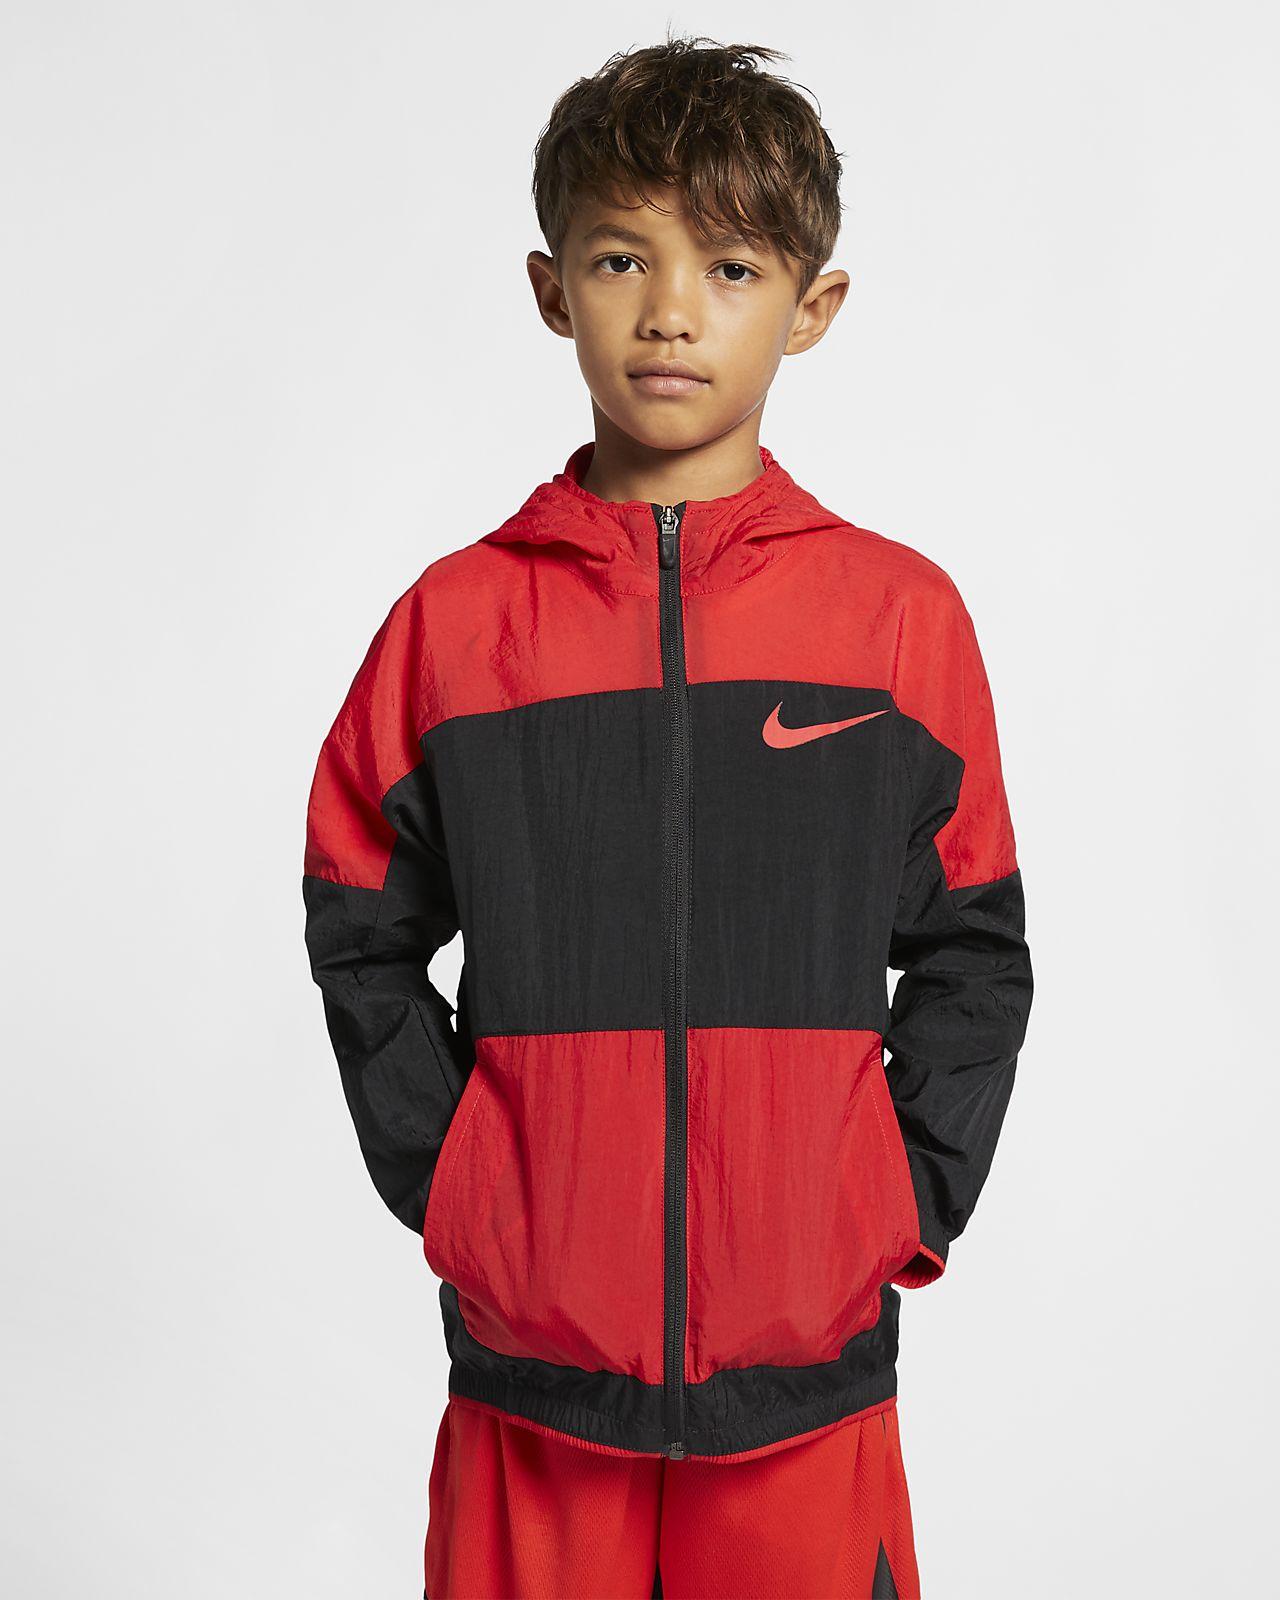 Tkaná tréninková bunda Nike Dri-FIT pro větší děti